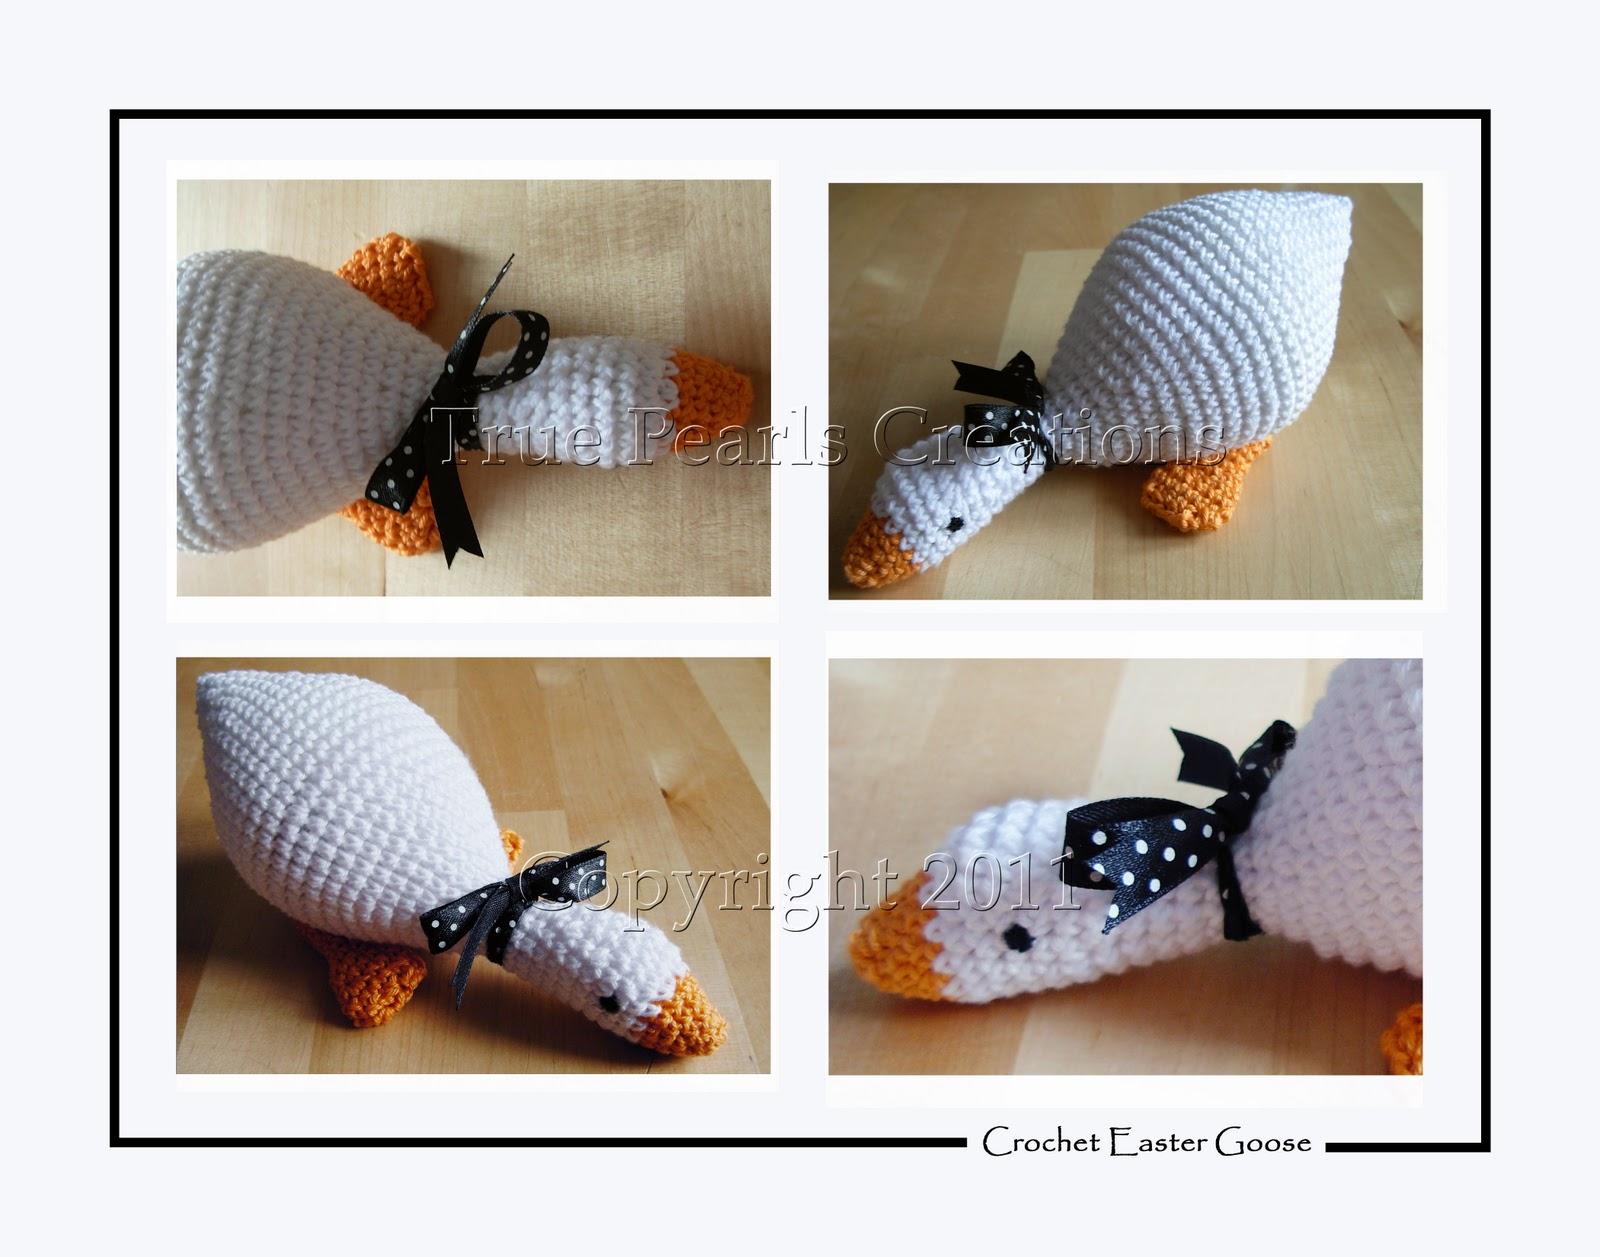 True Pearls Creations: Amigurumi Easter goose pattern